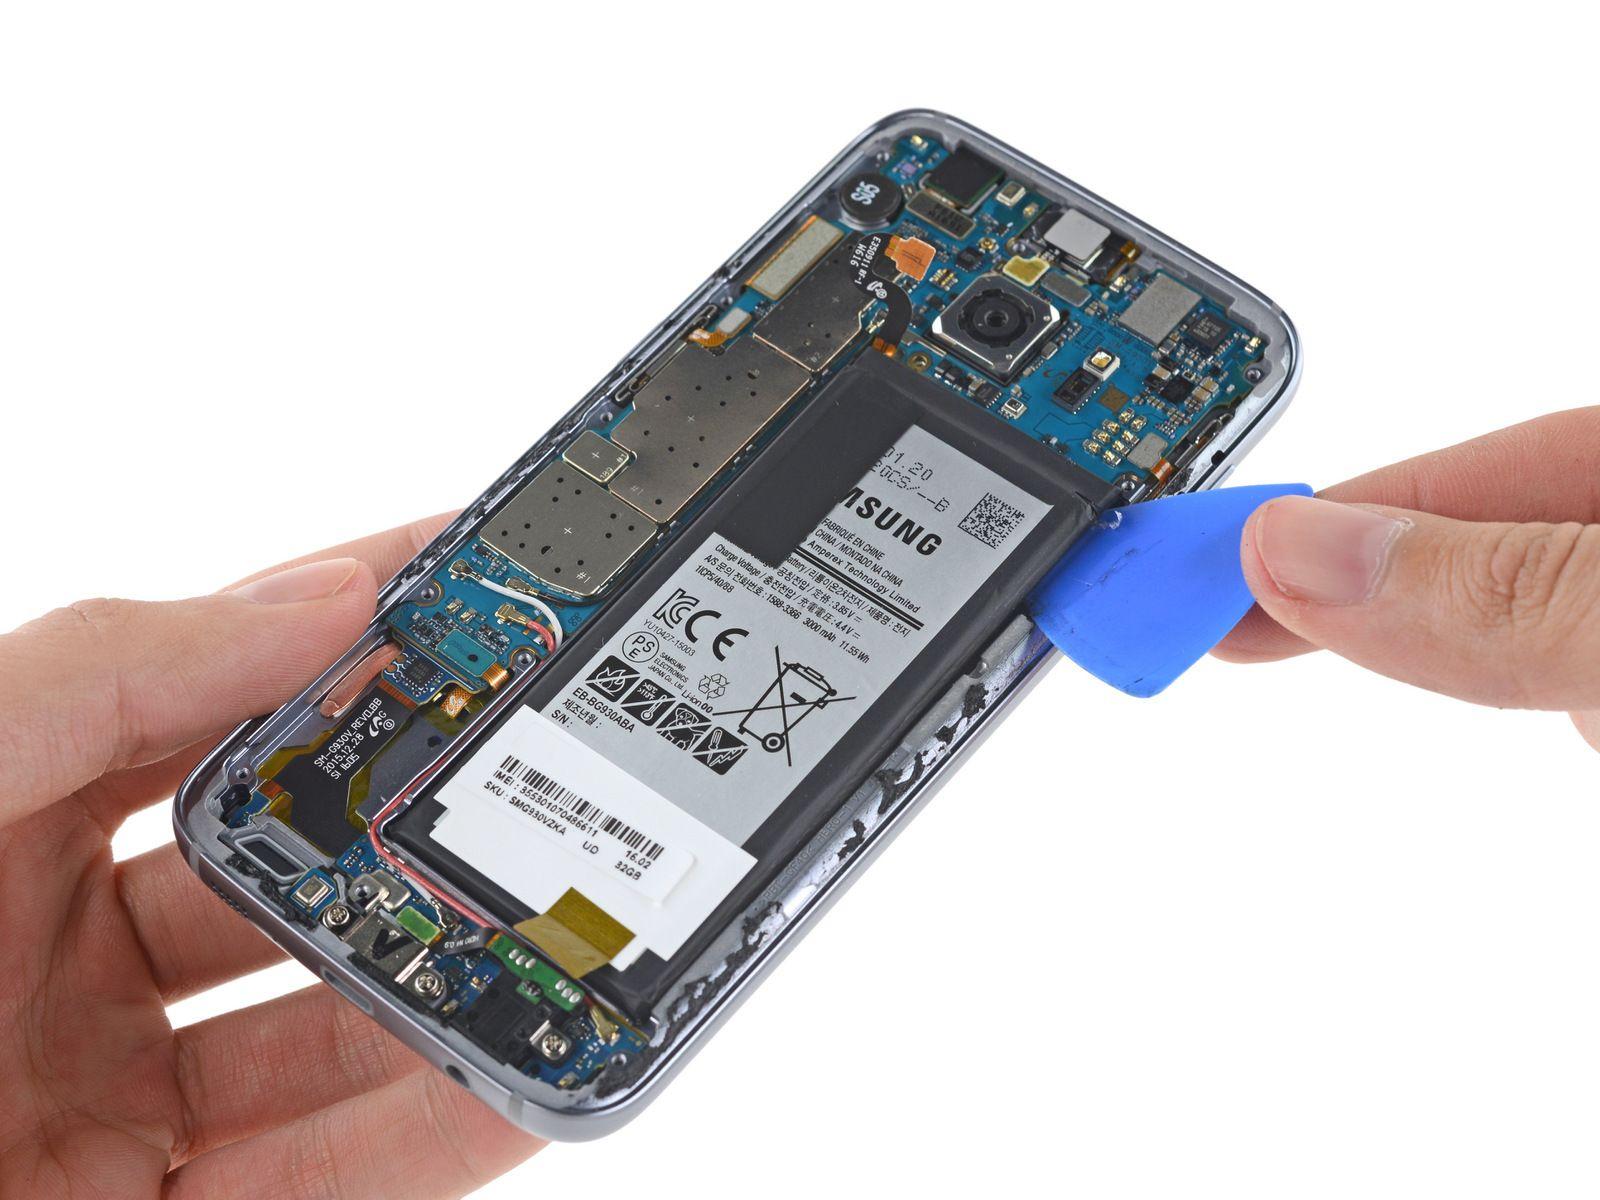 Det er tydeligvis ikke meningen at man skal kunne bytte ut batteriet – heller ikke på et verksted.